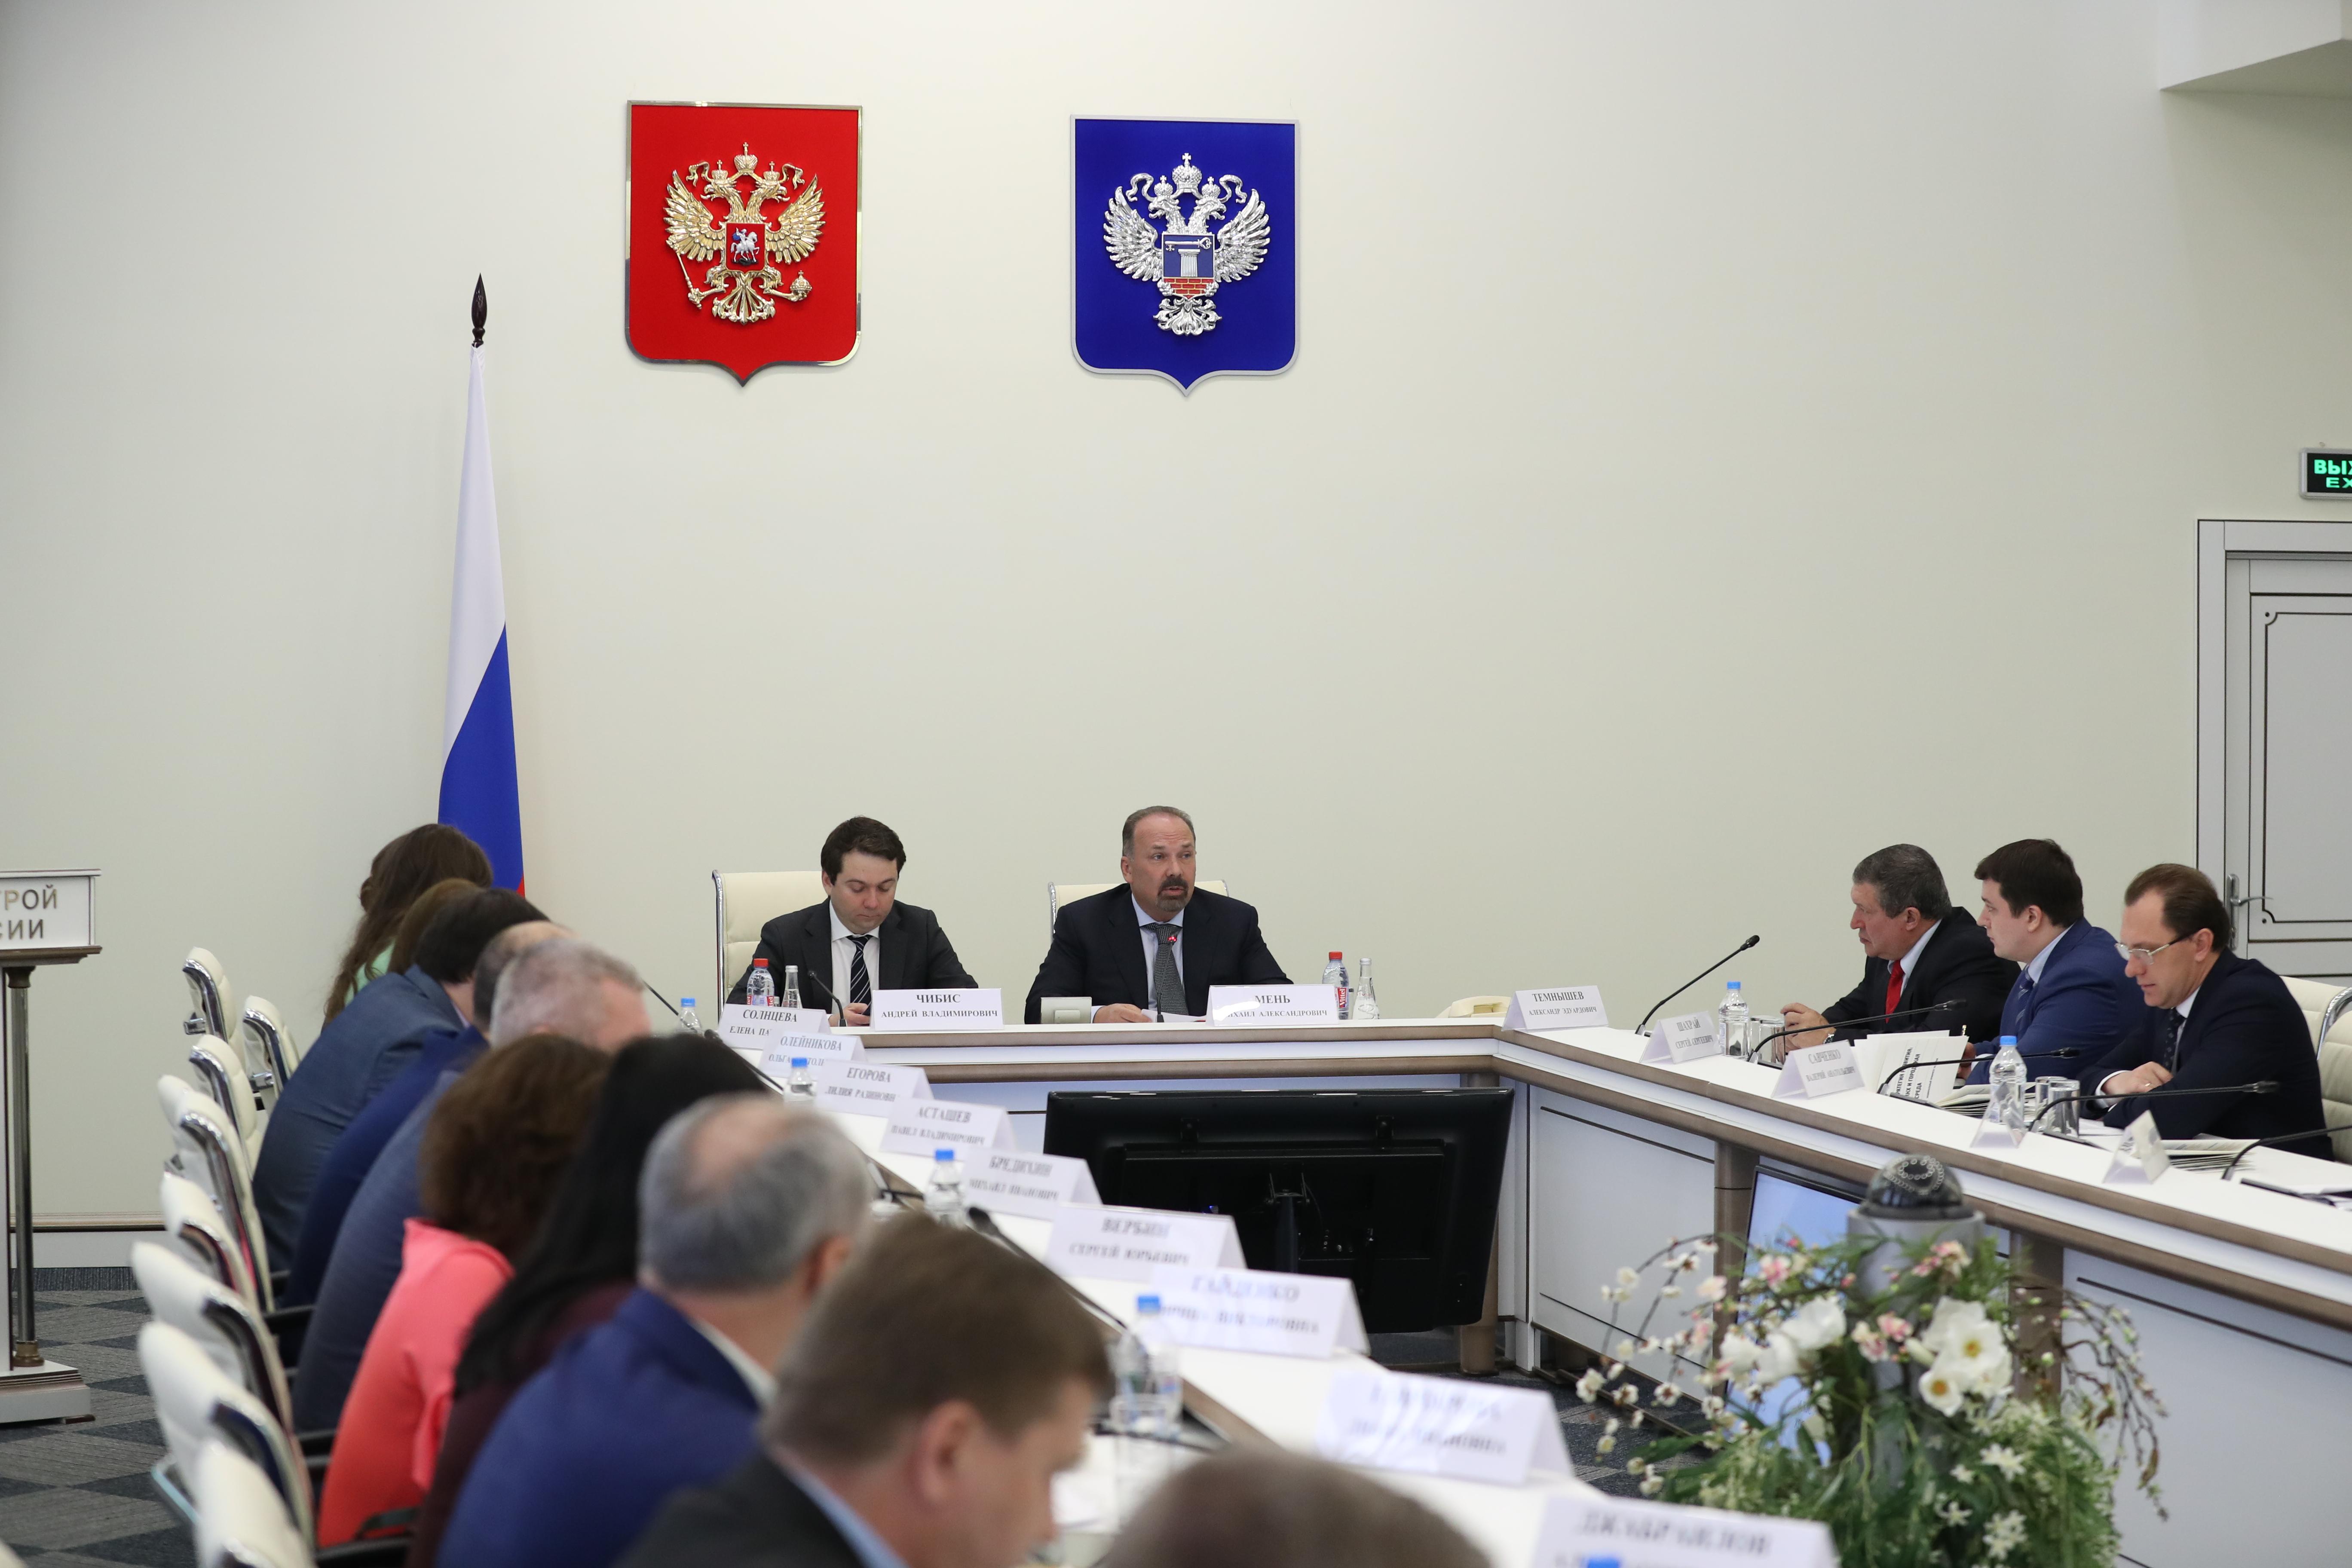 Определены регионы-лидеры в рейтинге Госжилинспекций России